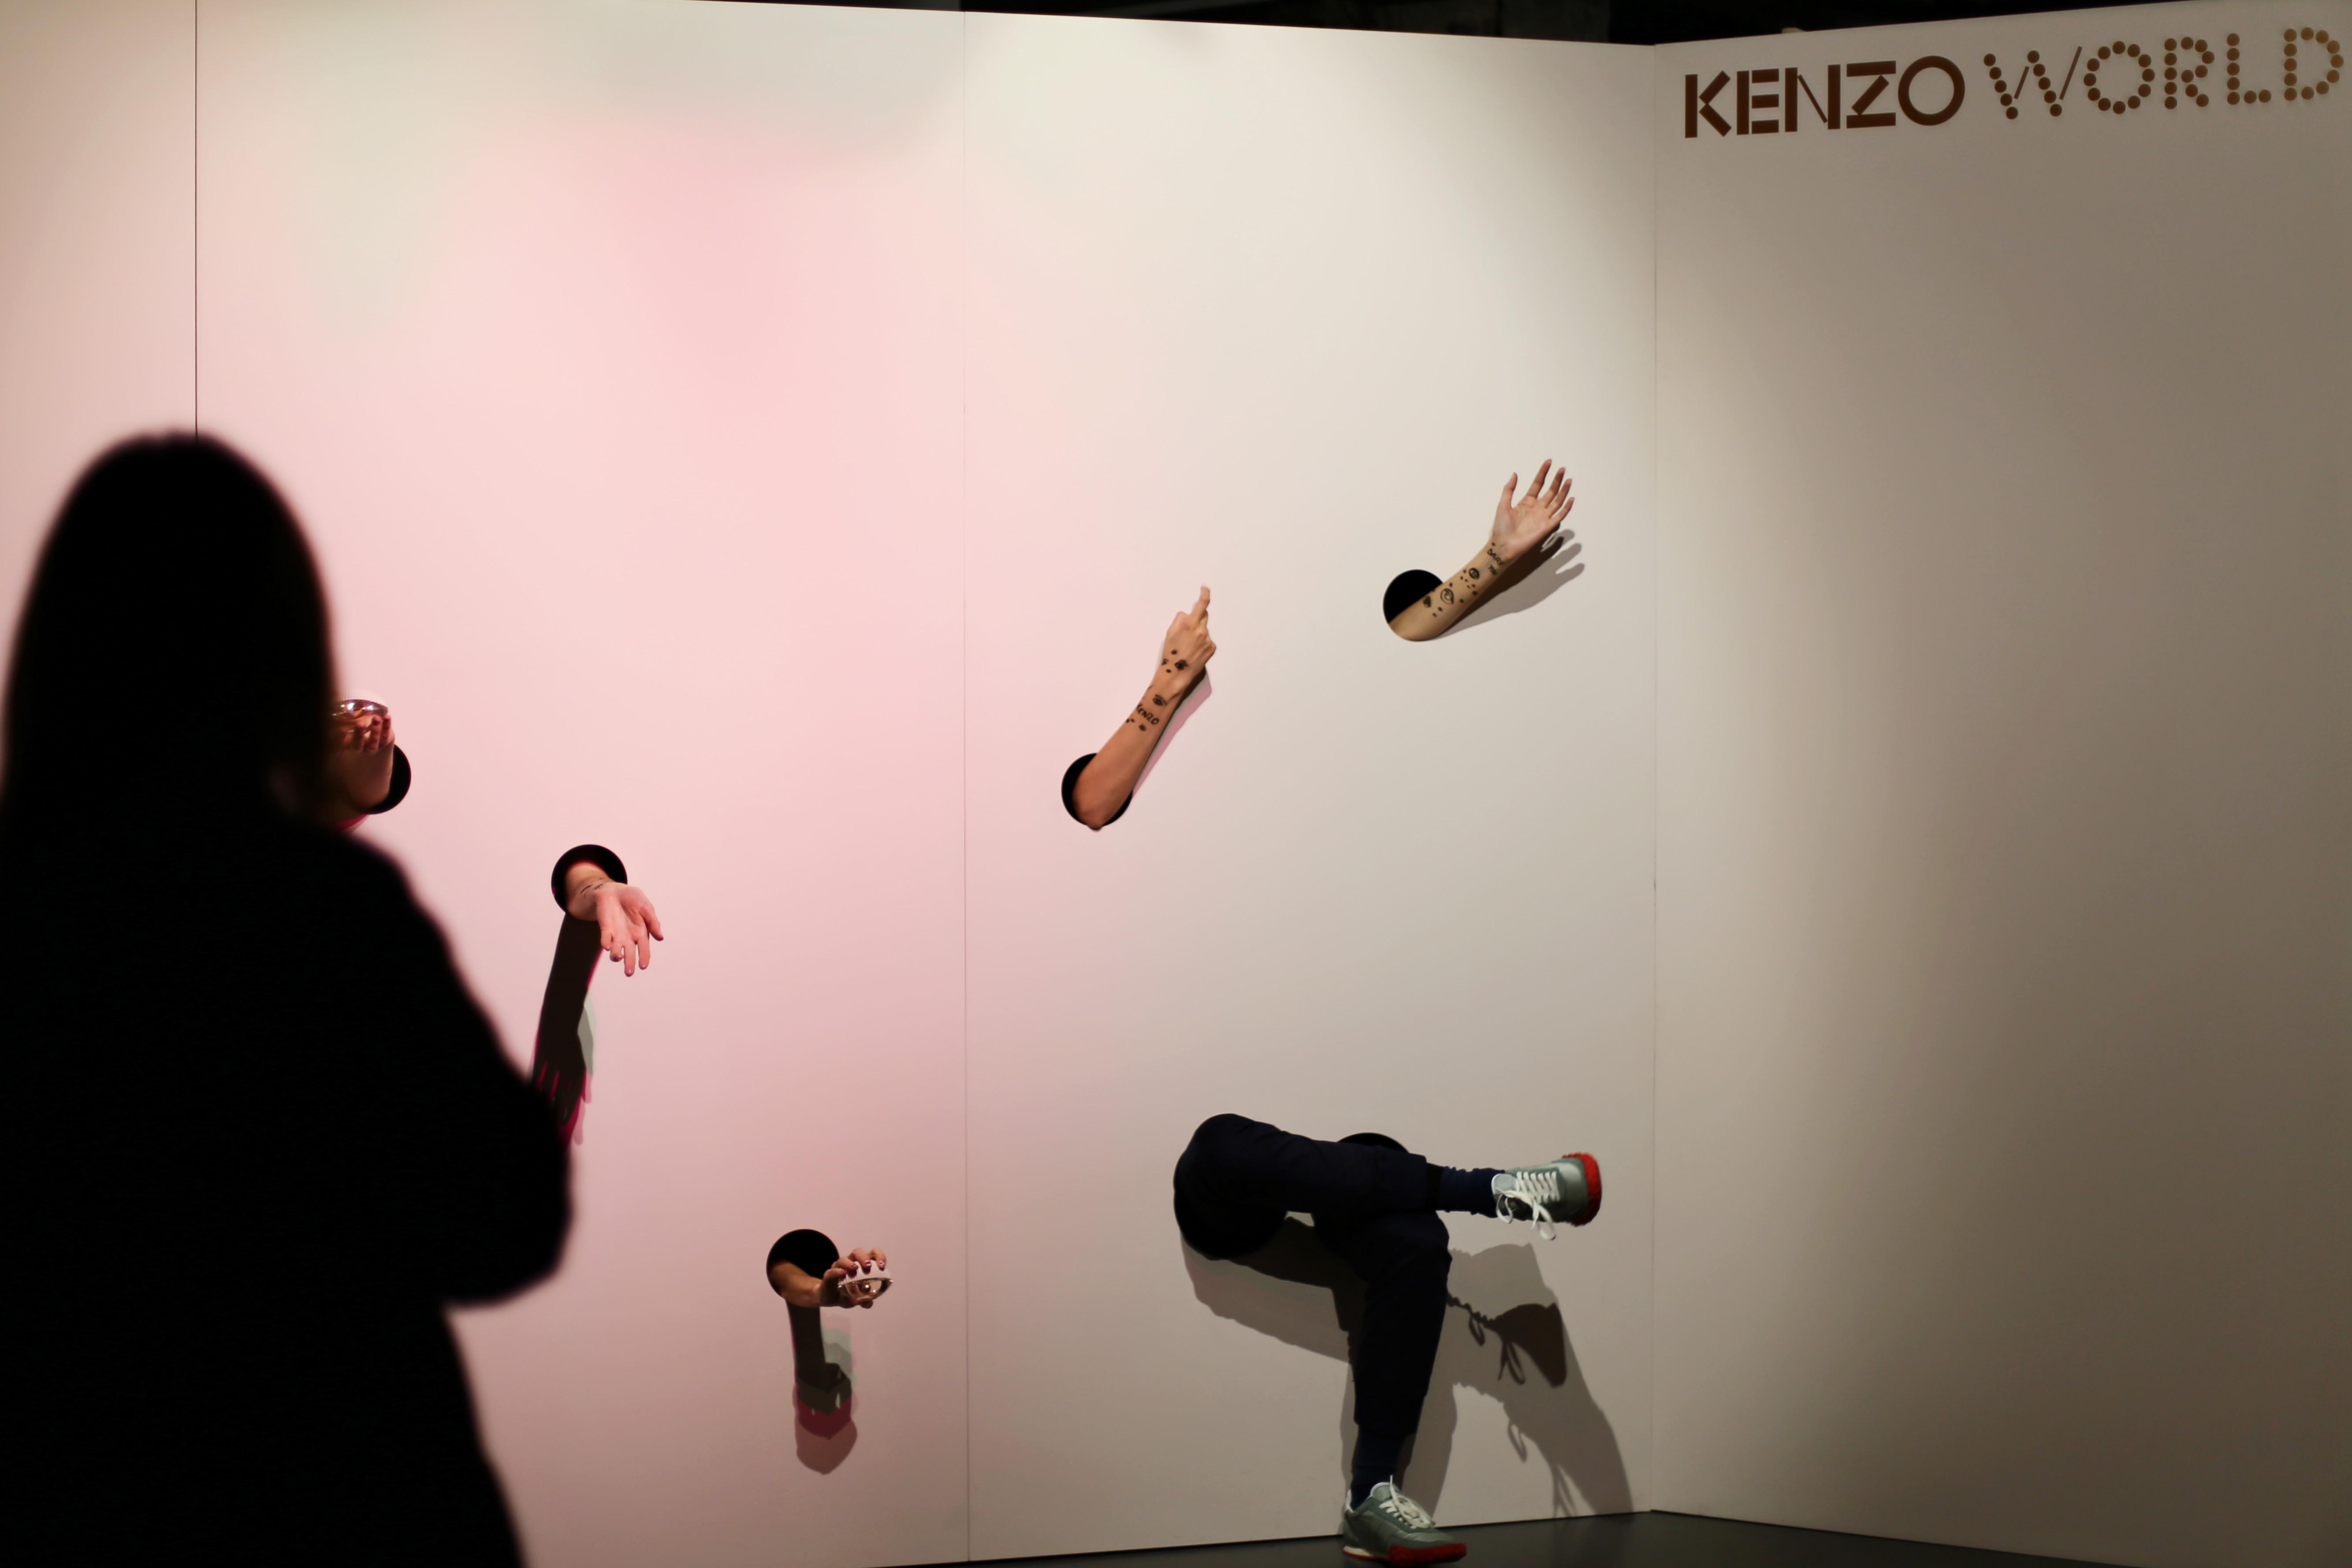 KENZO WORLD